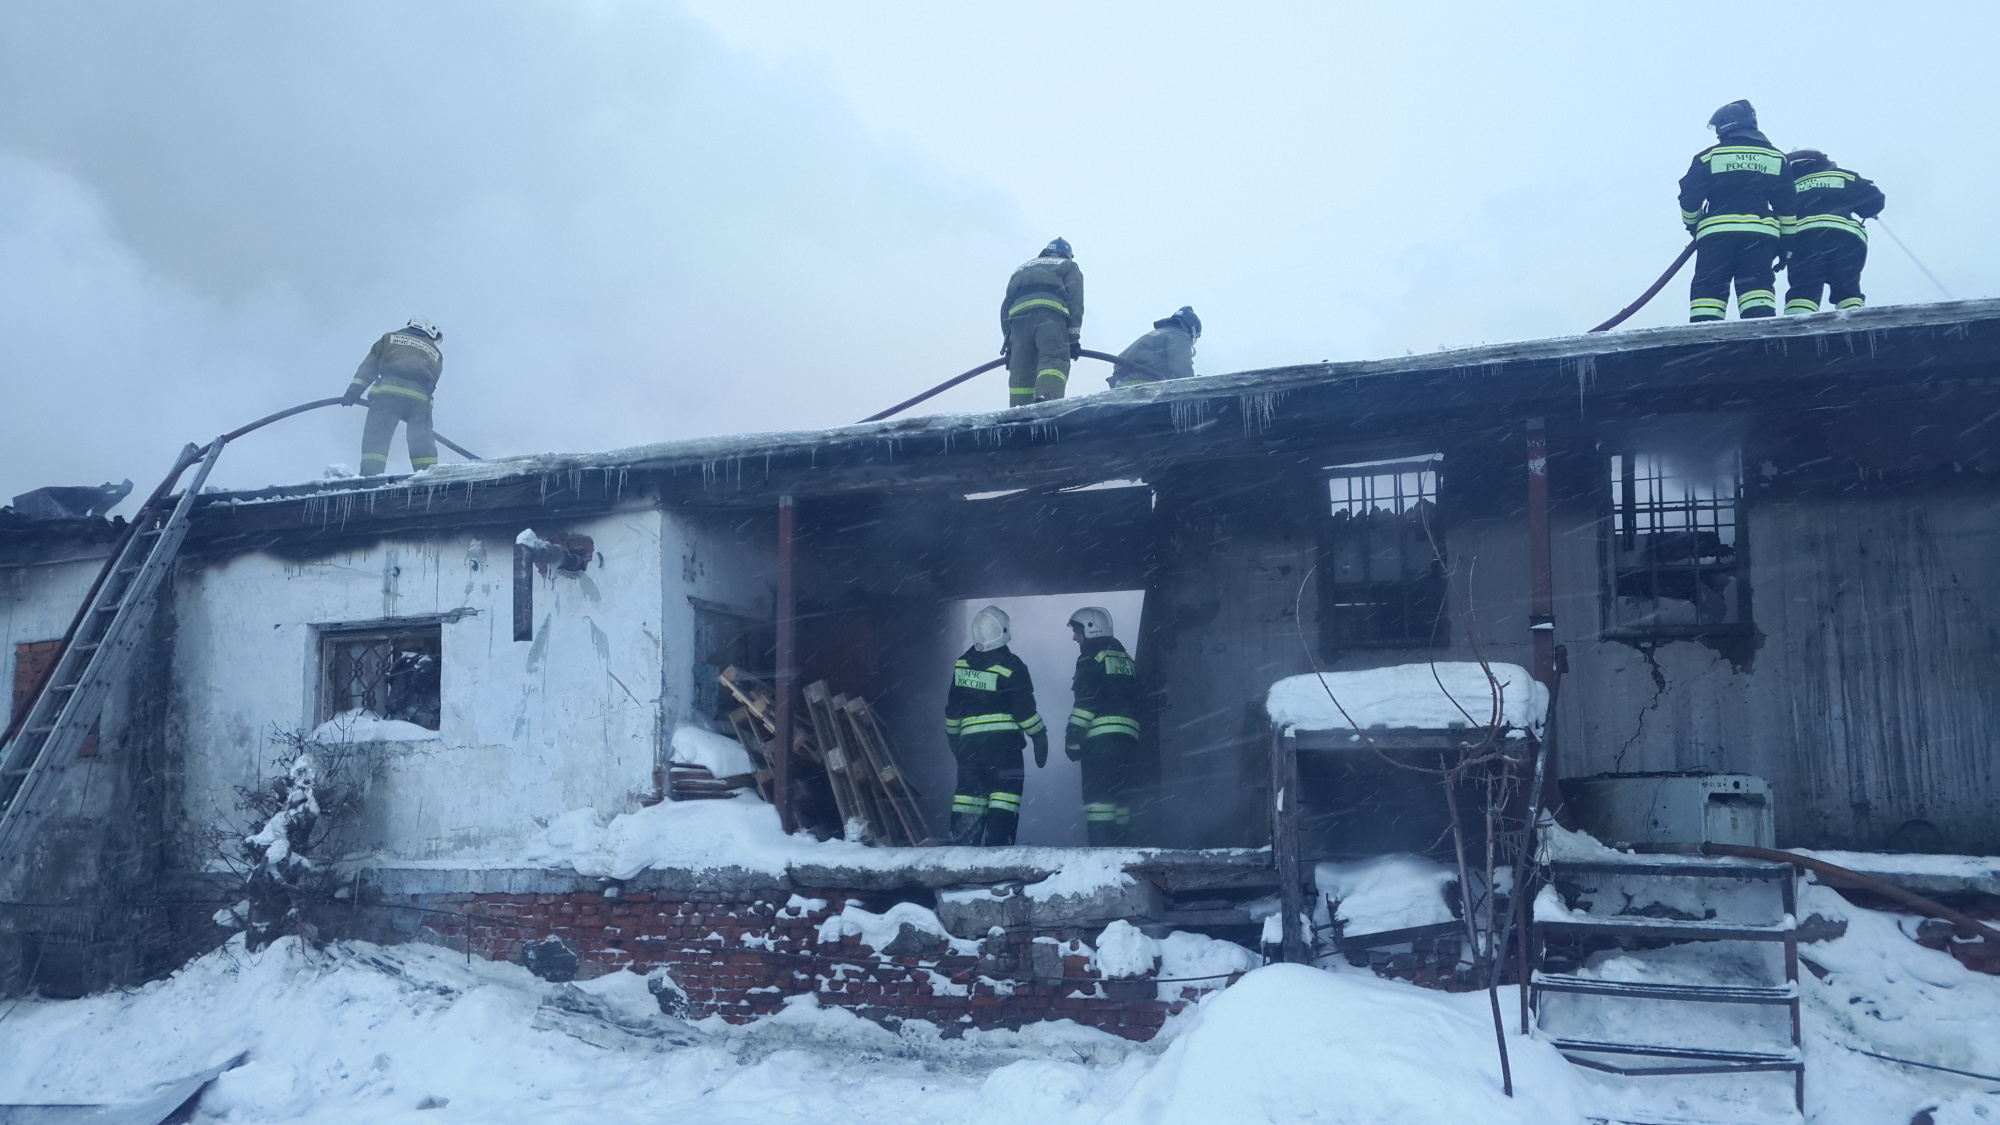 Пожар в нежилом здании в городском округе Долгопрудный